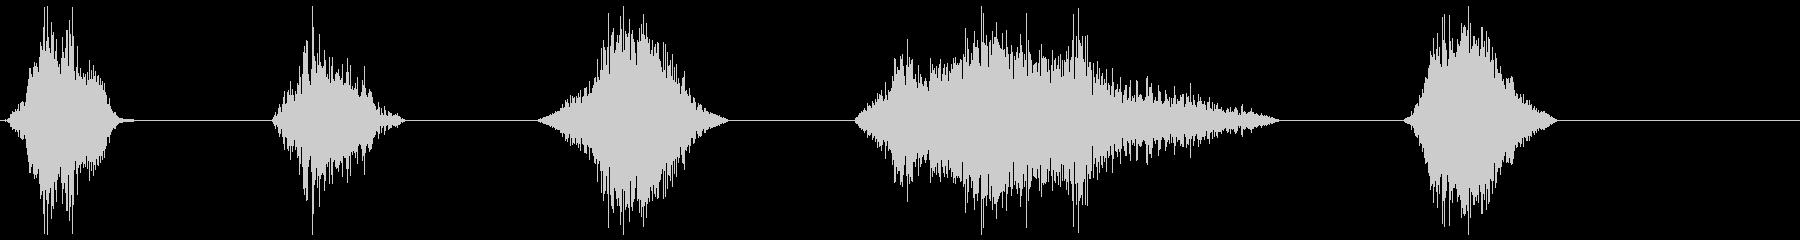 モンスターブレスロア21-25の未再生の波形